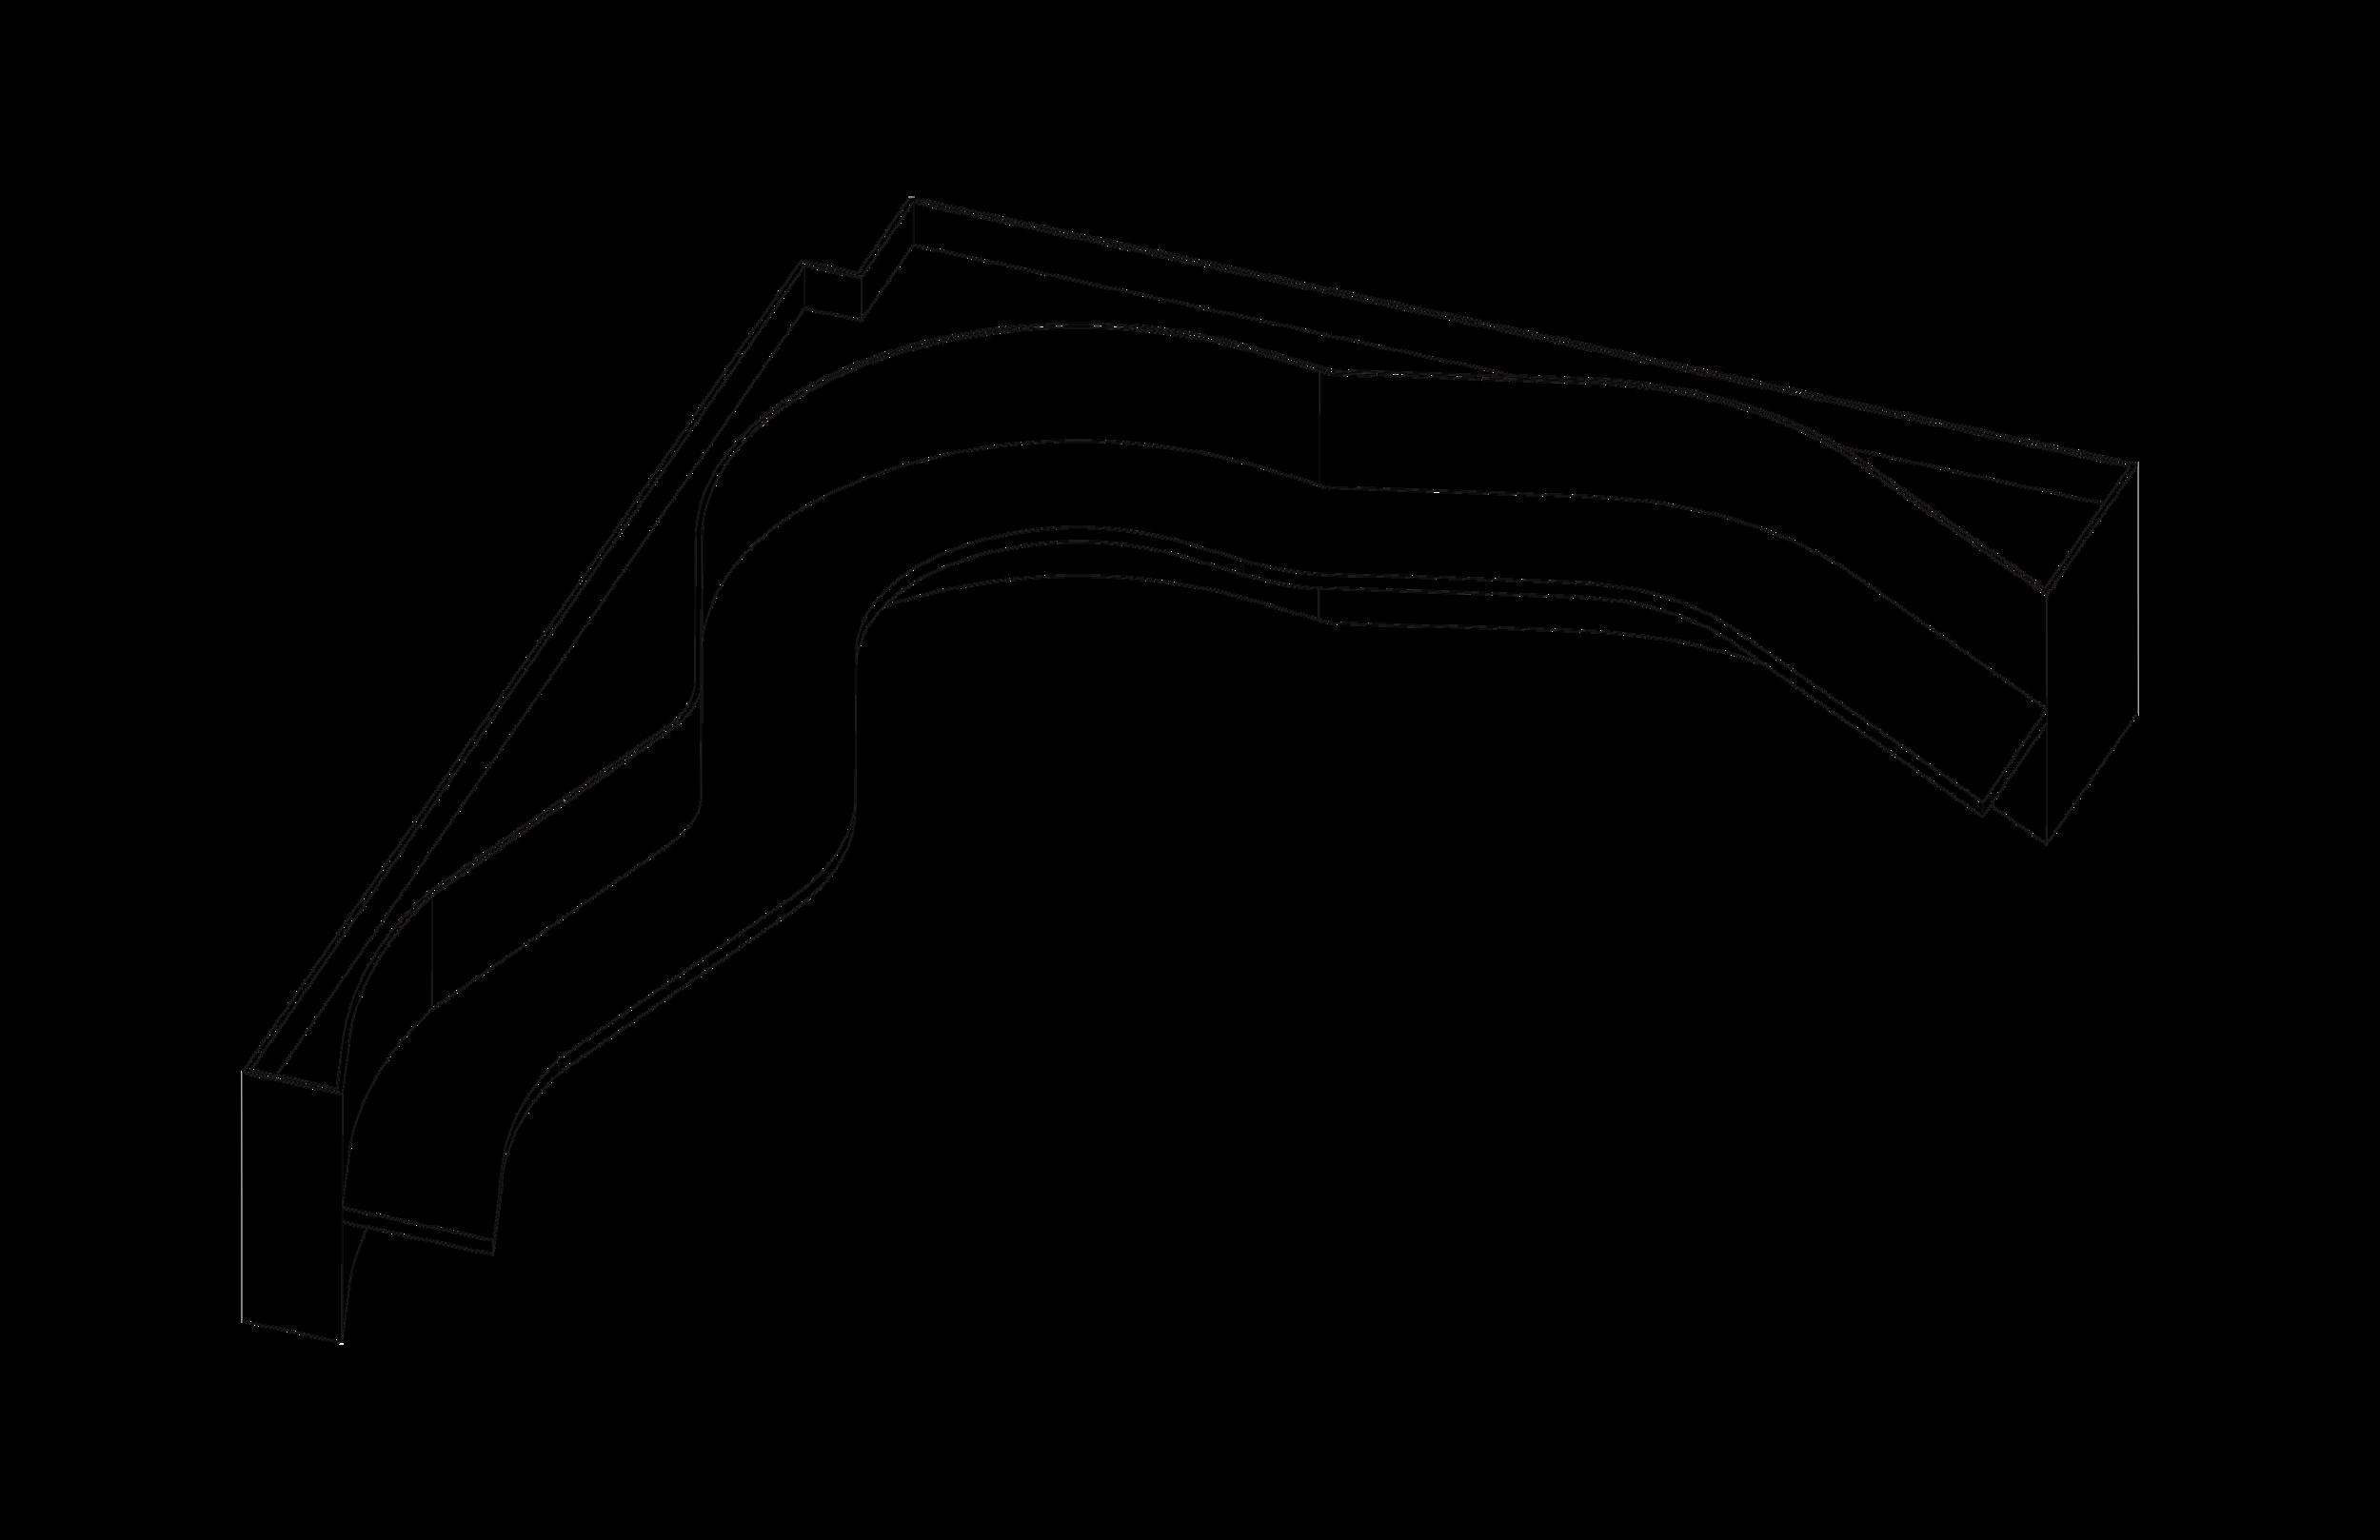 kimoto_benchdiagram_2690x1793.jpg